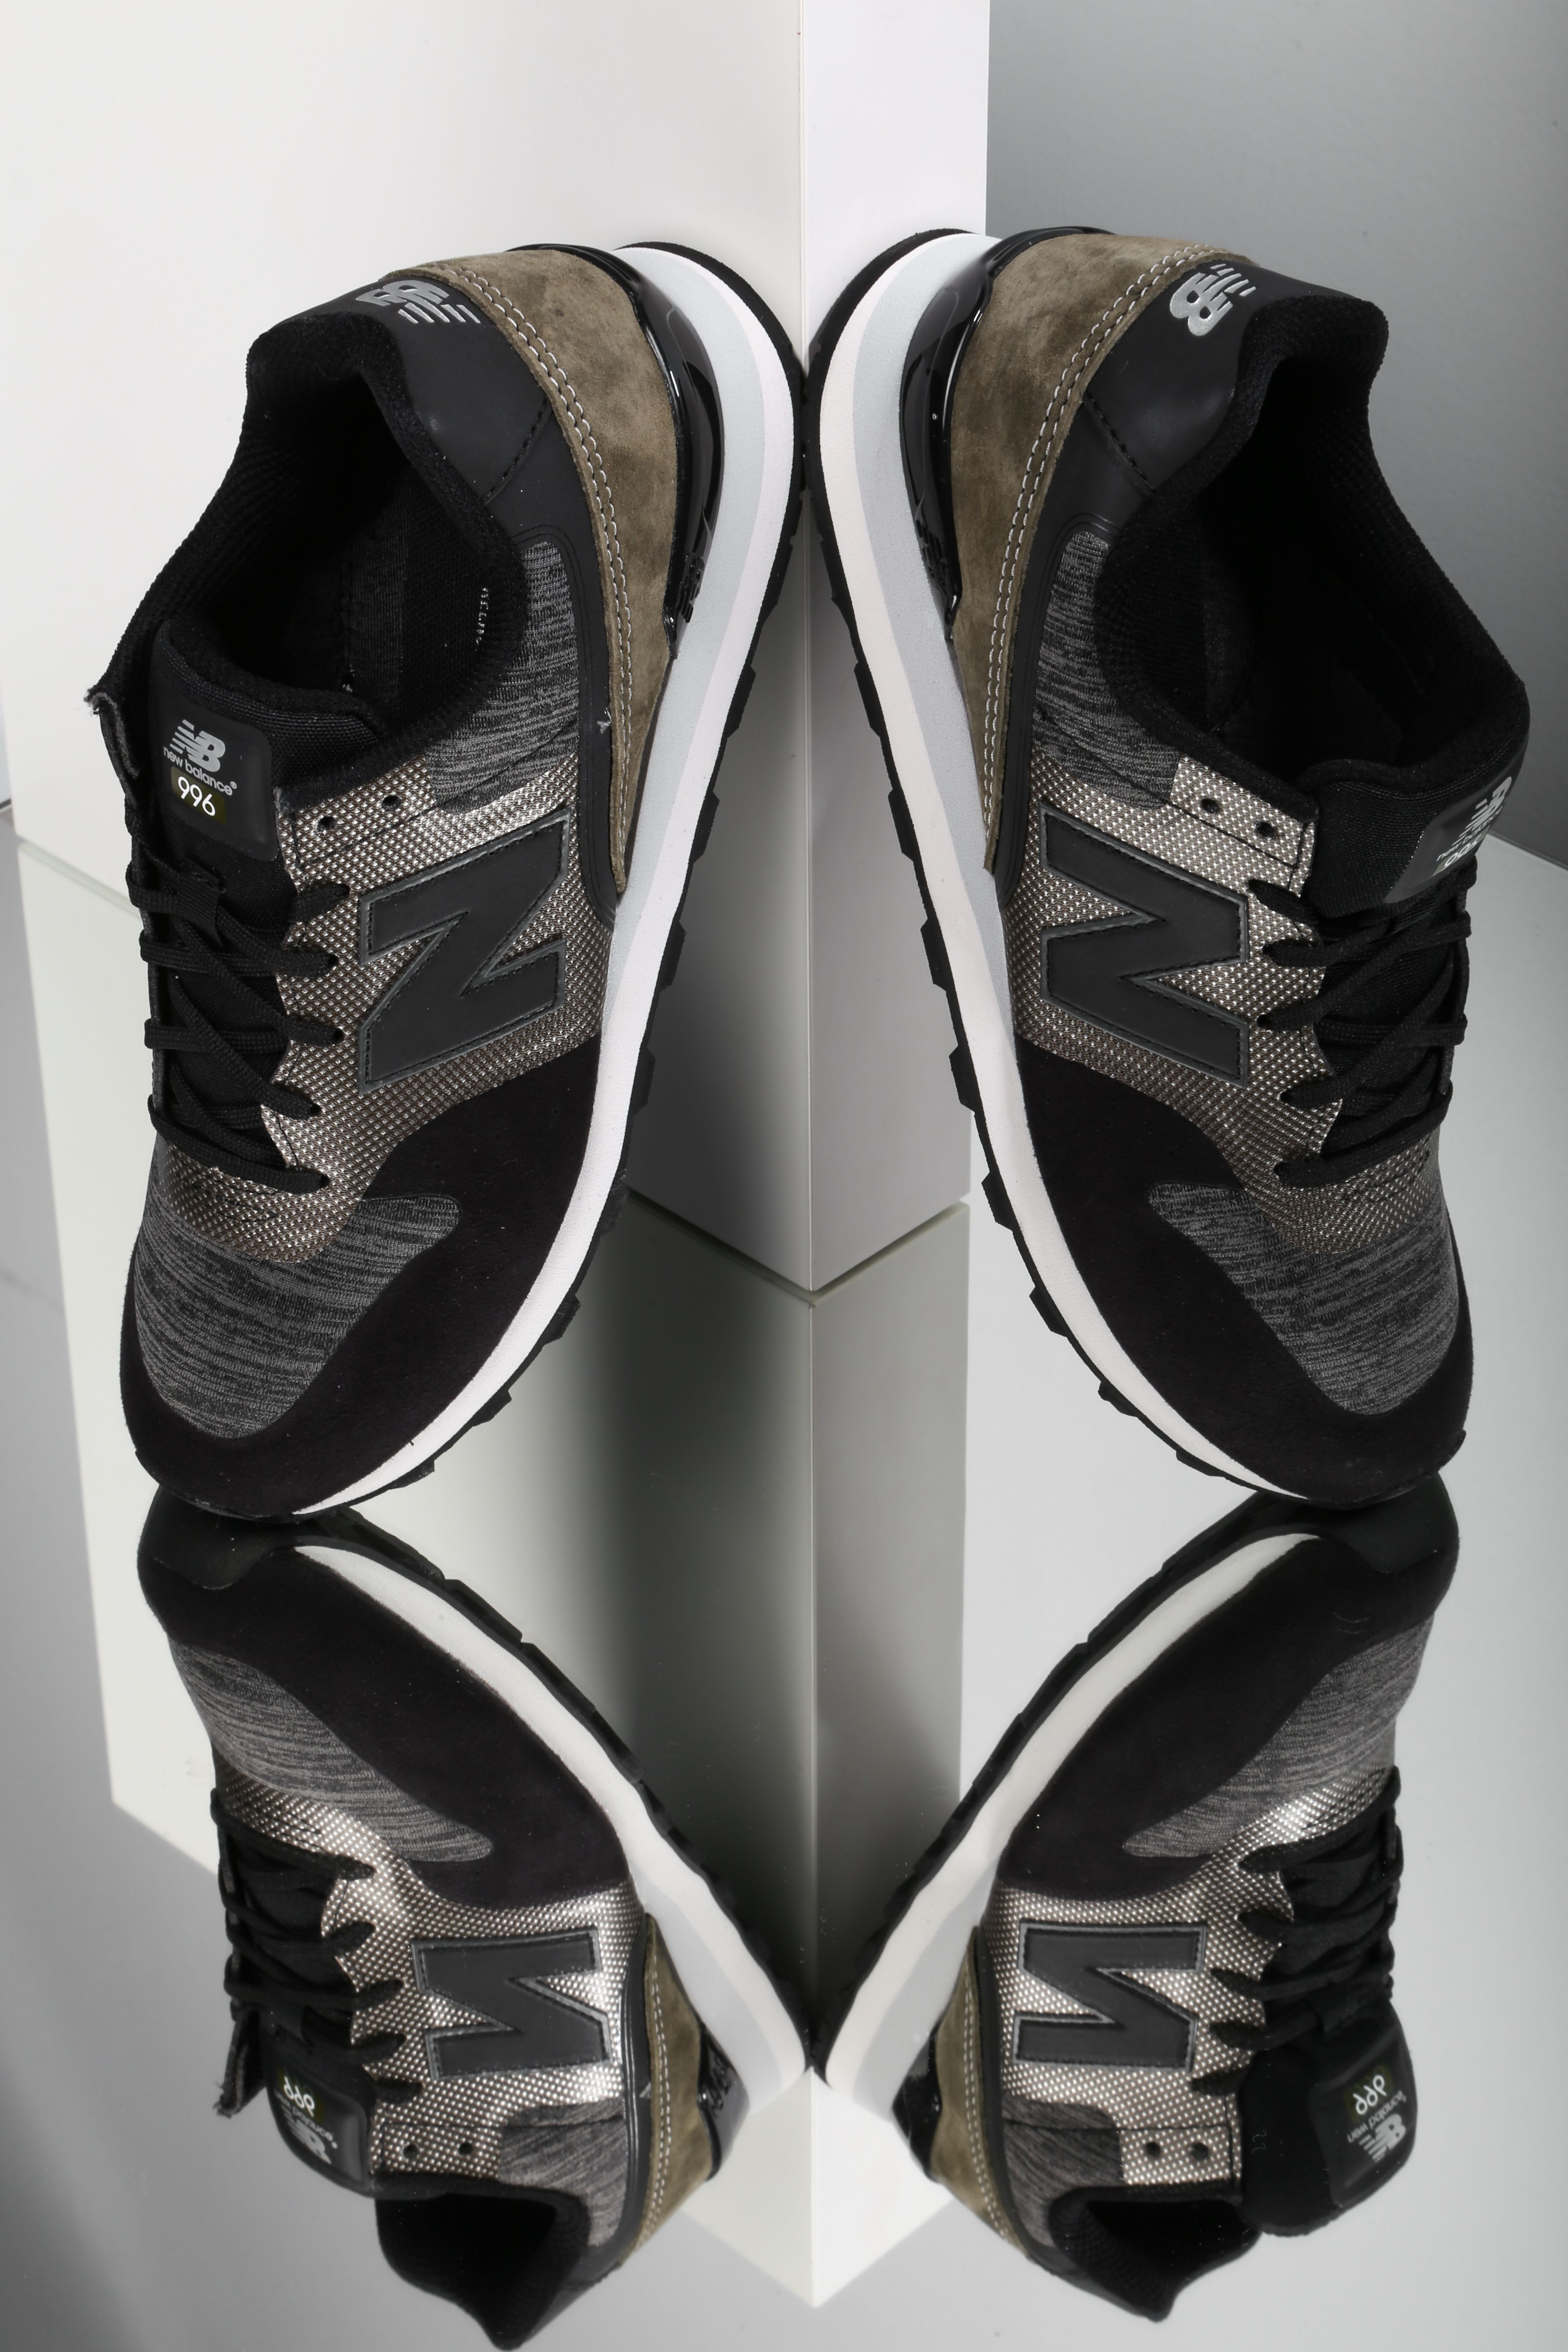 zapatos new balance hombre zapatillas bajas modelo 996